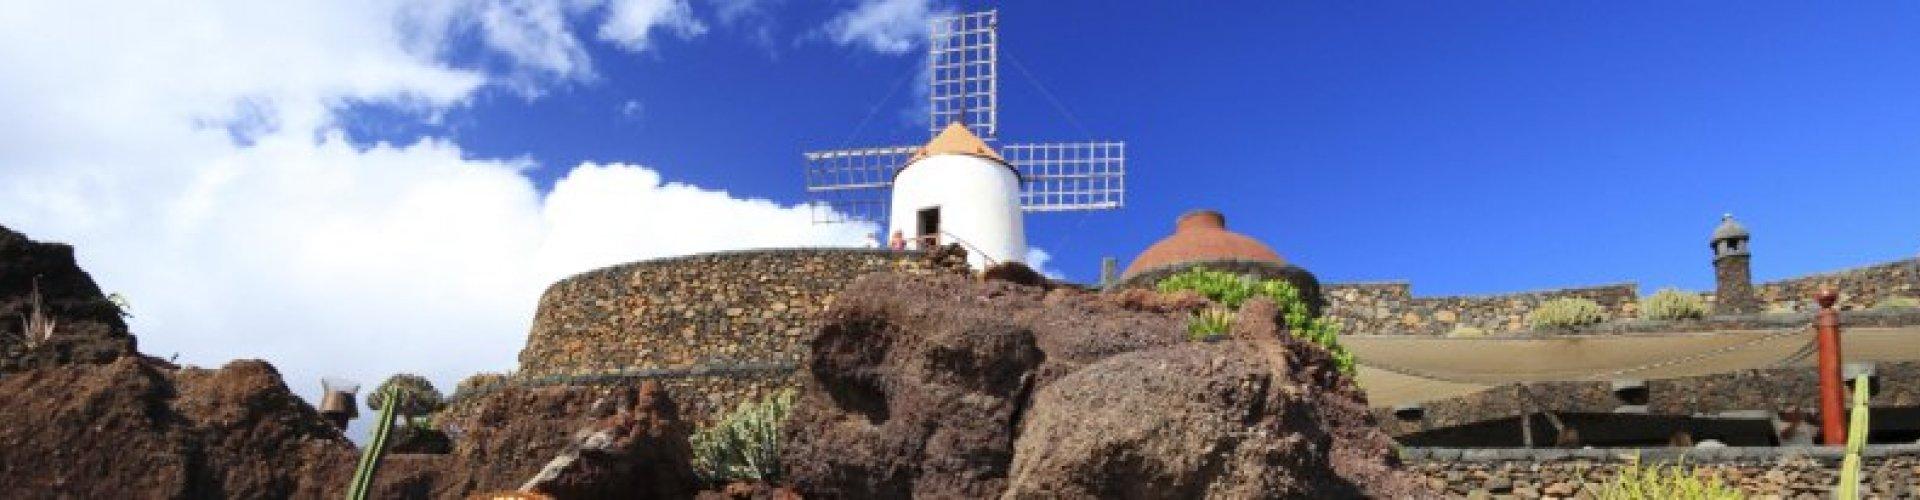 Ausflug nach Lanzarote